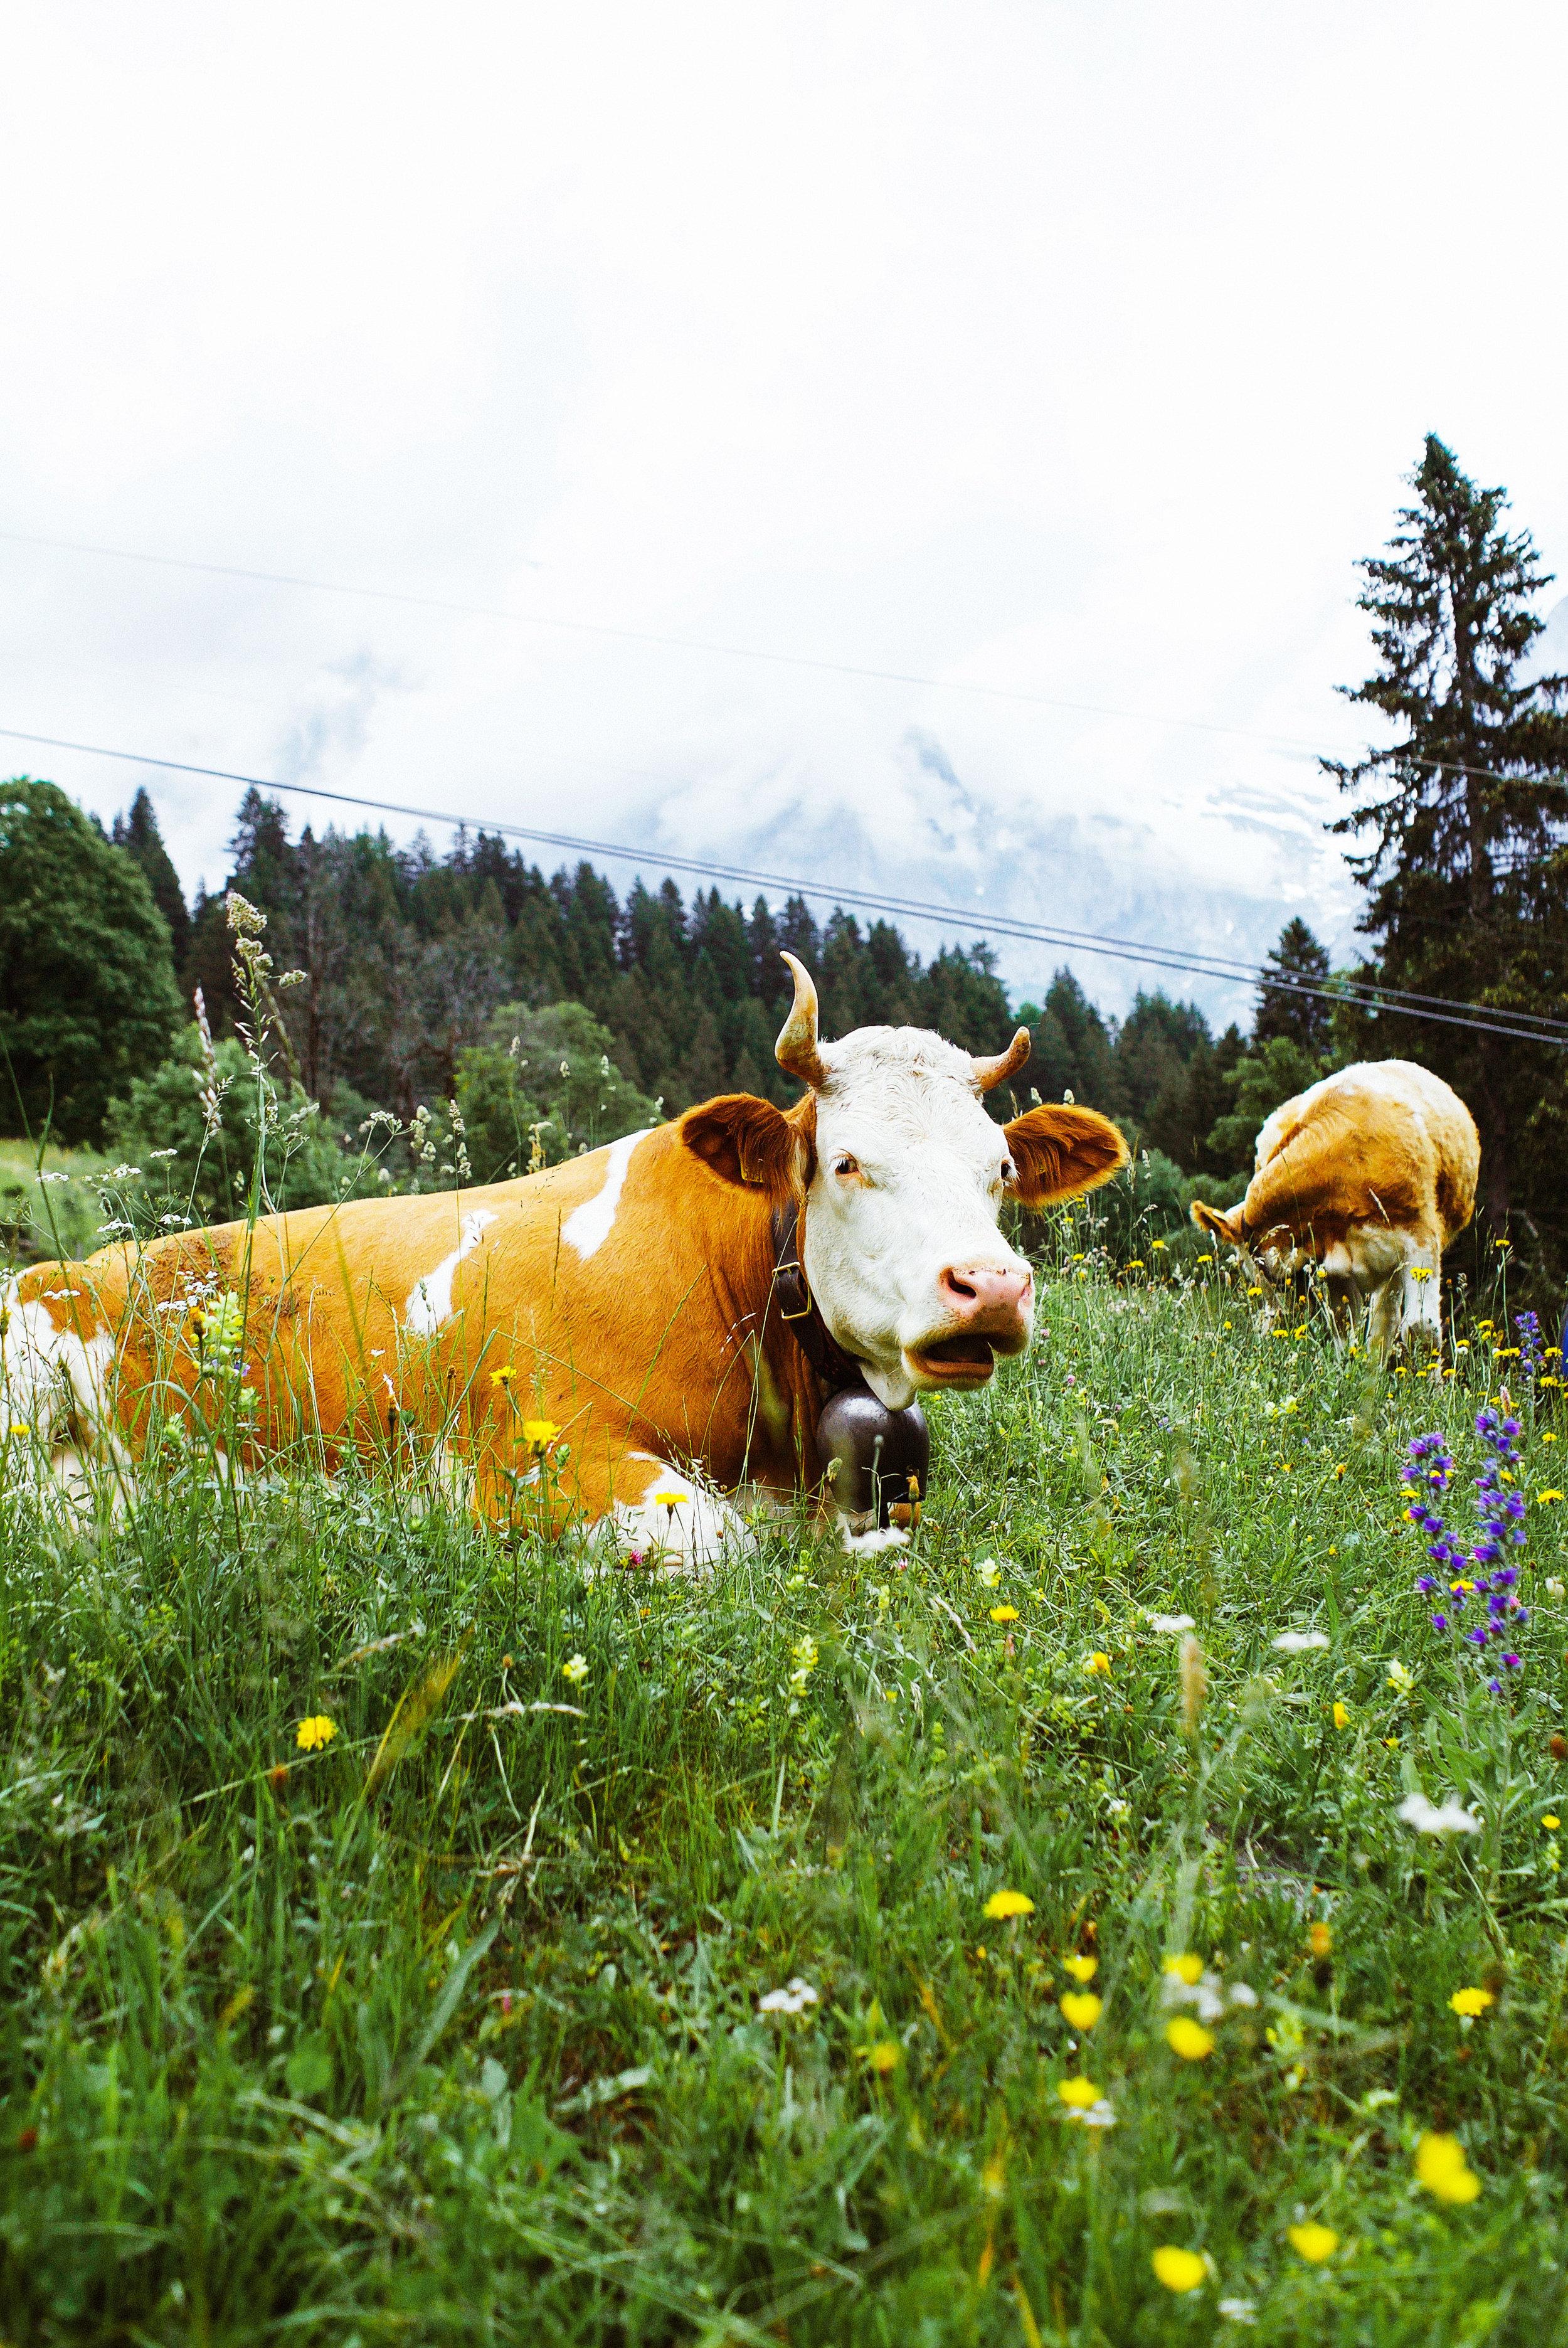 Mt. Eiger, Bernese Alps, Switzerland